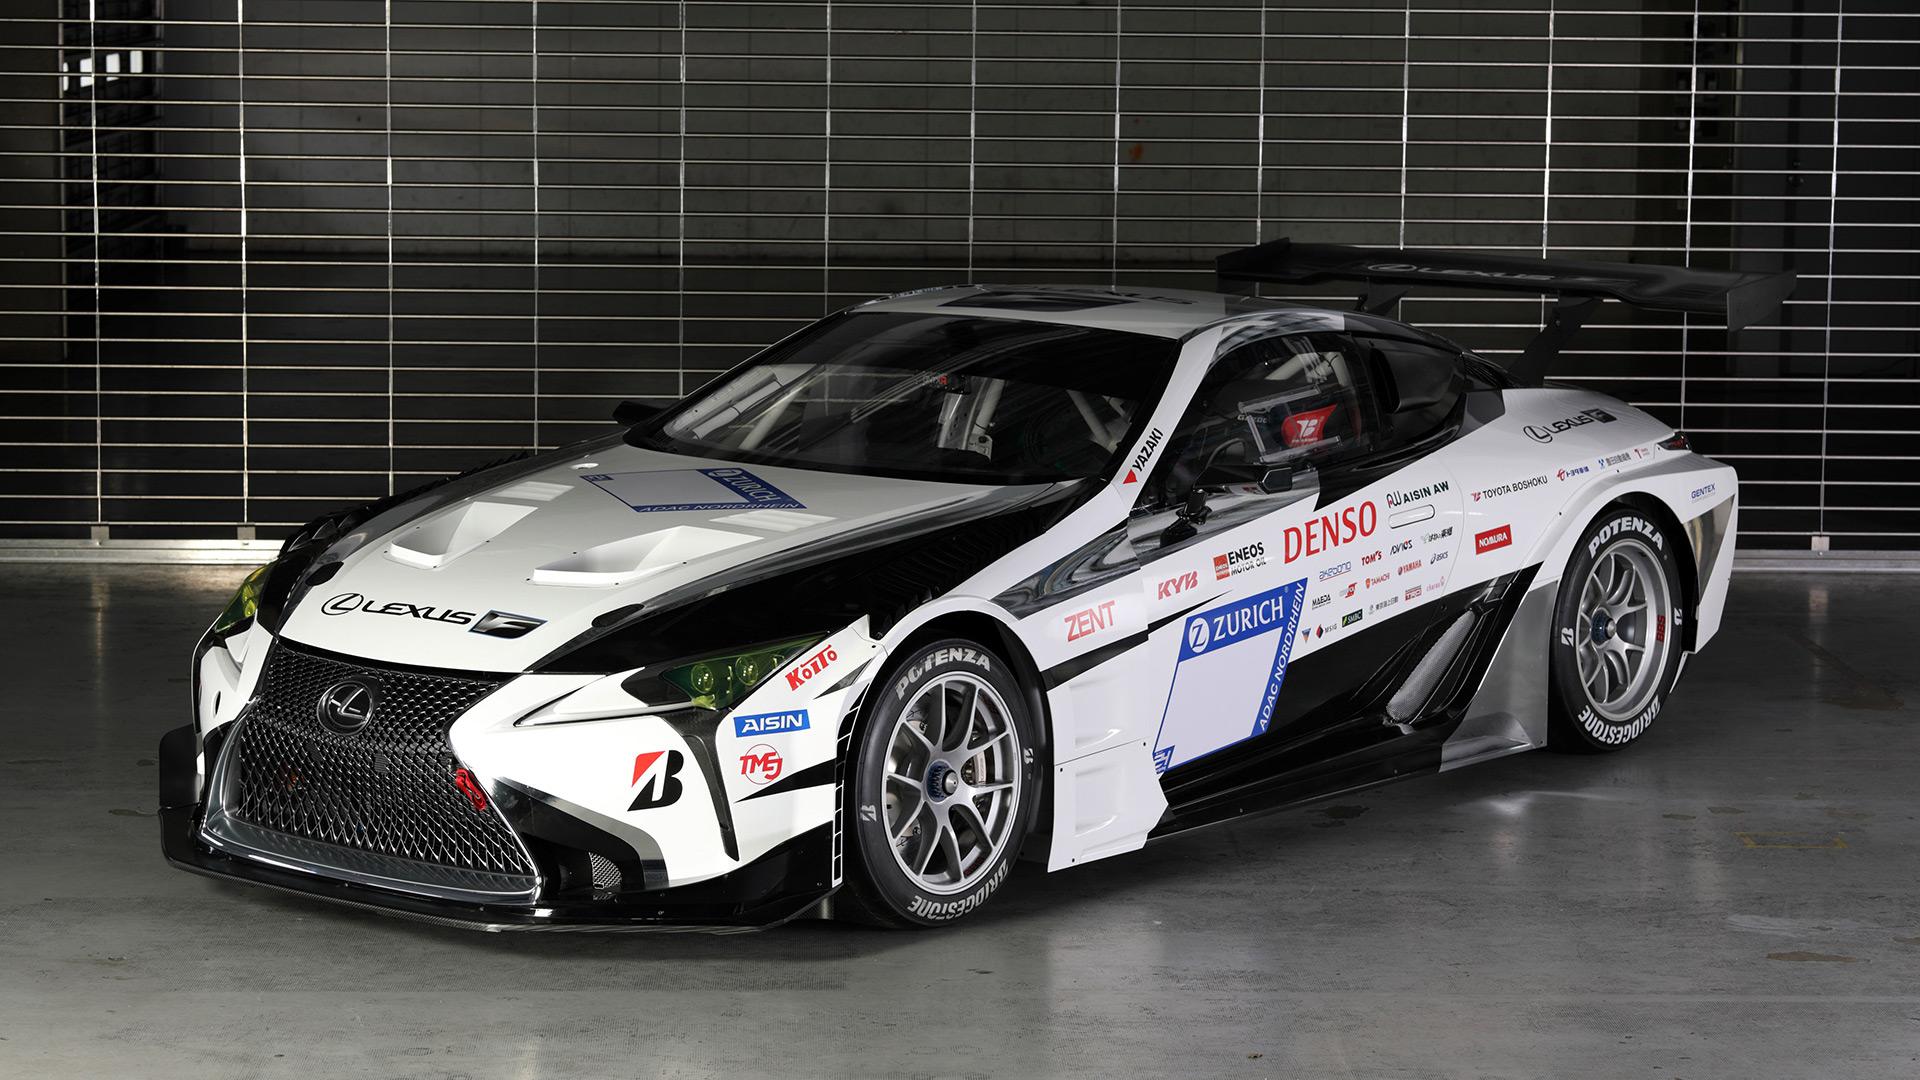 Lexus LC 24 uursrace nurburgring